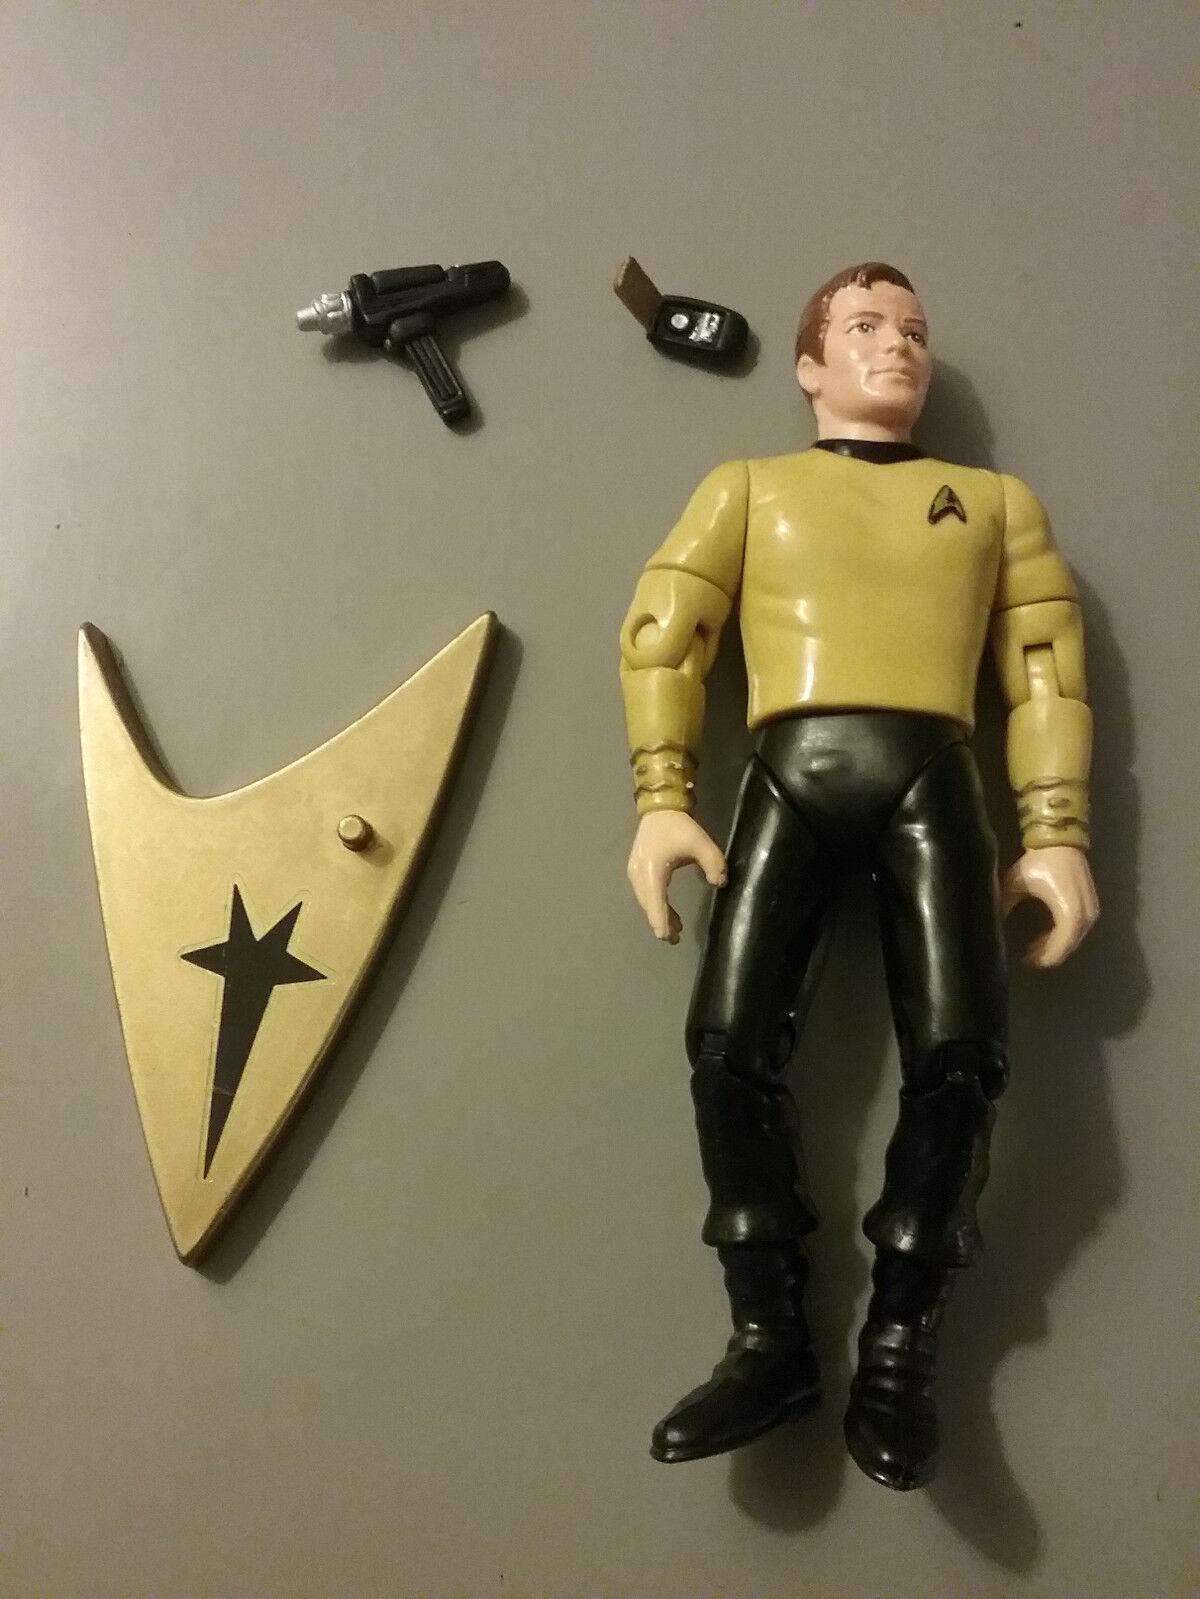 Compañero Compañero Compañero en Estrella Trek, siete dígitos, Kirk Spock Sulu McCoy Scotty geordie Gül. a36